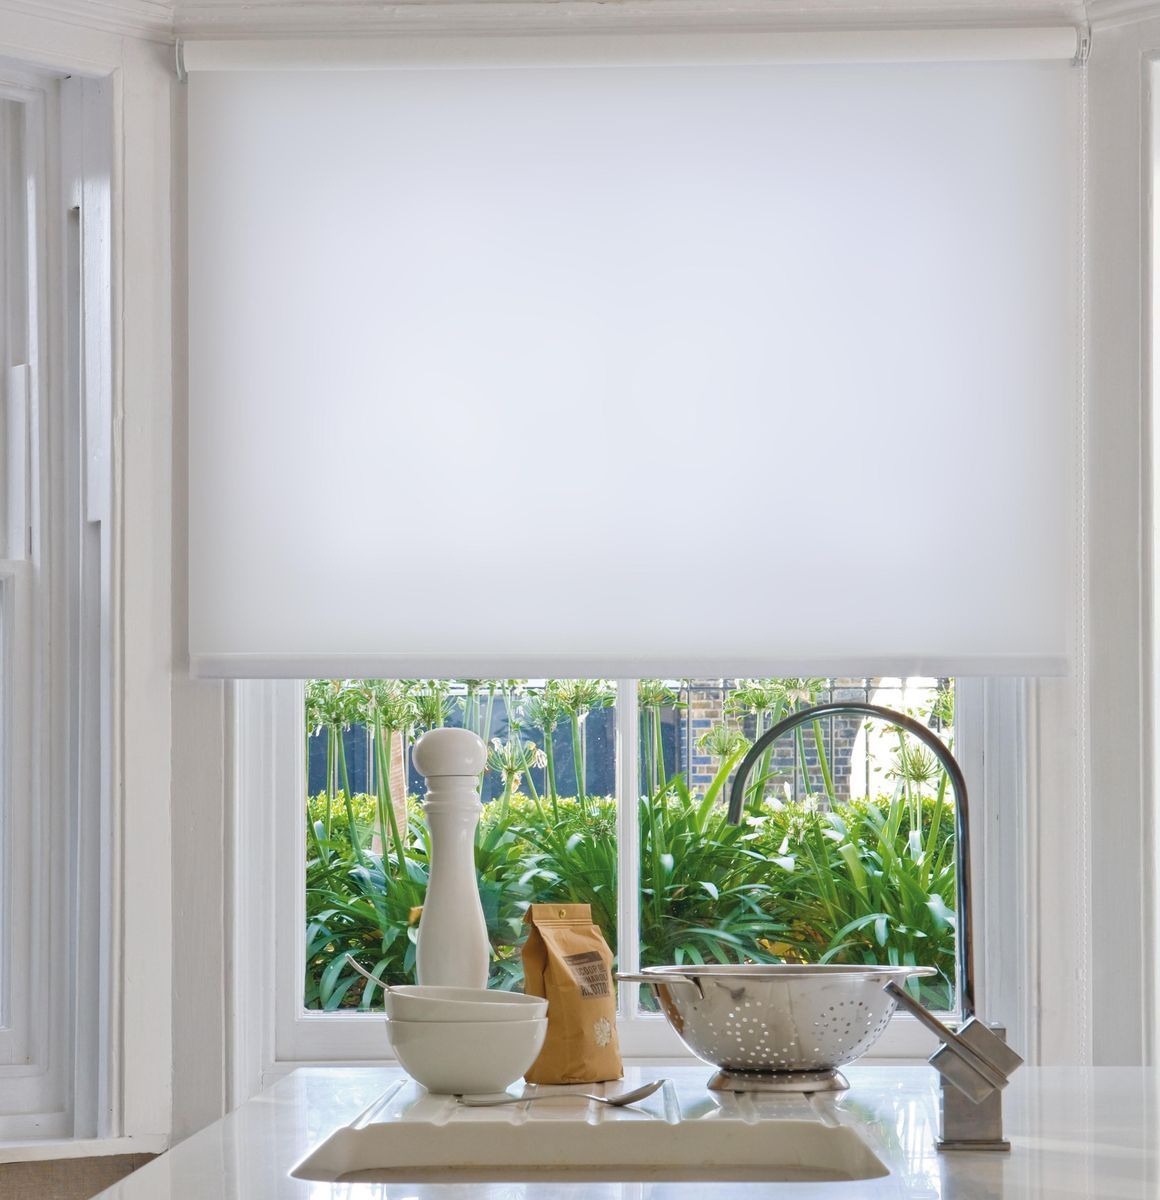 Штора рулонная Эскар, цвет: белый, ширина 60 см, высота 170 см8008060170Рулонными шторами можно оформлять окна как самостоятельно, так и использовать в комбинации с портьерами. Это поможет предотвратить выгорание дорогой ткани на солнце и соединит функционал рулонных с красотой навесных.Преимущества применения рулонных штор для пластиковых окон:- имеют прекрасный внешний вид: многообразие и фактурность материала изделия отлично смотрятся в любом интерьере; - многофункциональны: есть возможность подобрать шторы способные эффективно защитить комнату от солнца, при этом о на не будет слишком темной. - Есть возможность осуществить быстрый монтаж. ВНИМАНИЕ! Размеры ширины изделия указаны по ширине ткани!Во время эксплуатации не рекомендуется полностью разматывать рулон, чтобы не оторвать ткань от намоточного вала.В случае загрязнения поверхности ткани, чистку шторы проводят одним из способов, в зависимости от типа загрязнения: легкое поверхностное загрязнение можно удалить при помощи канцелярского ластика; чистка от пыли производится сухим методом при помощи пылесоса с мягкой щеткой-насадкой; для удаления пятна используйте мягкую губку с пенообразующим неагрессивным моющим средством или пятновыводитель на натуральной основе (нельзя применять растворители).